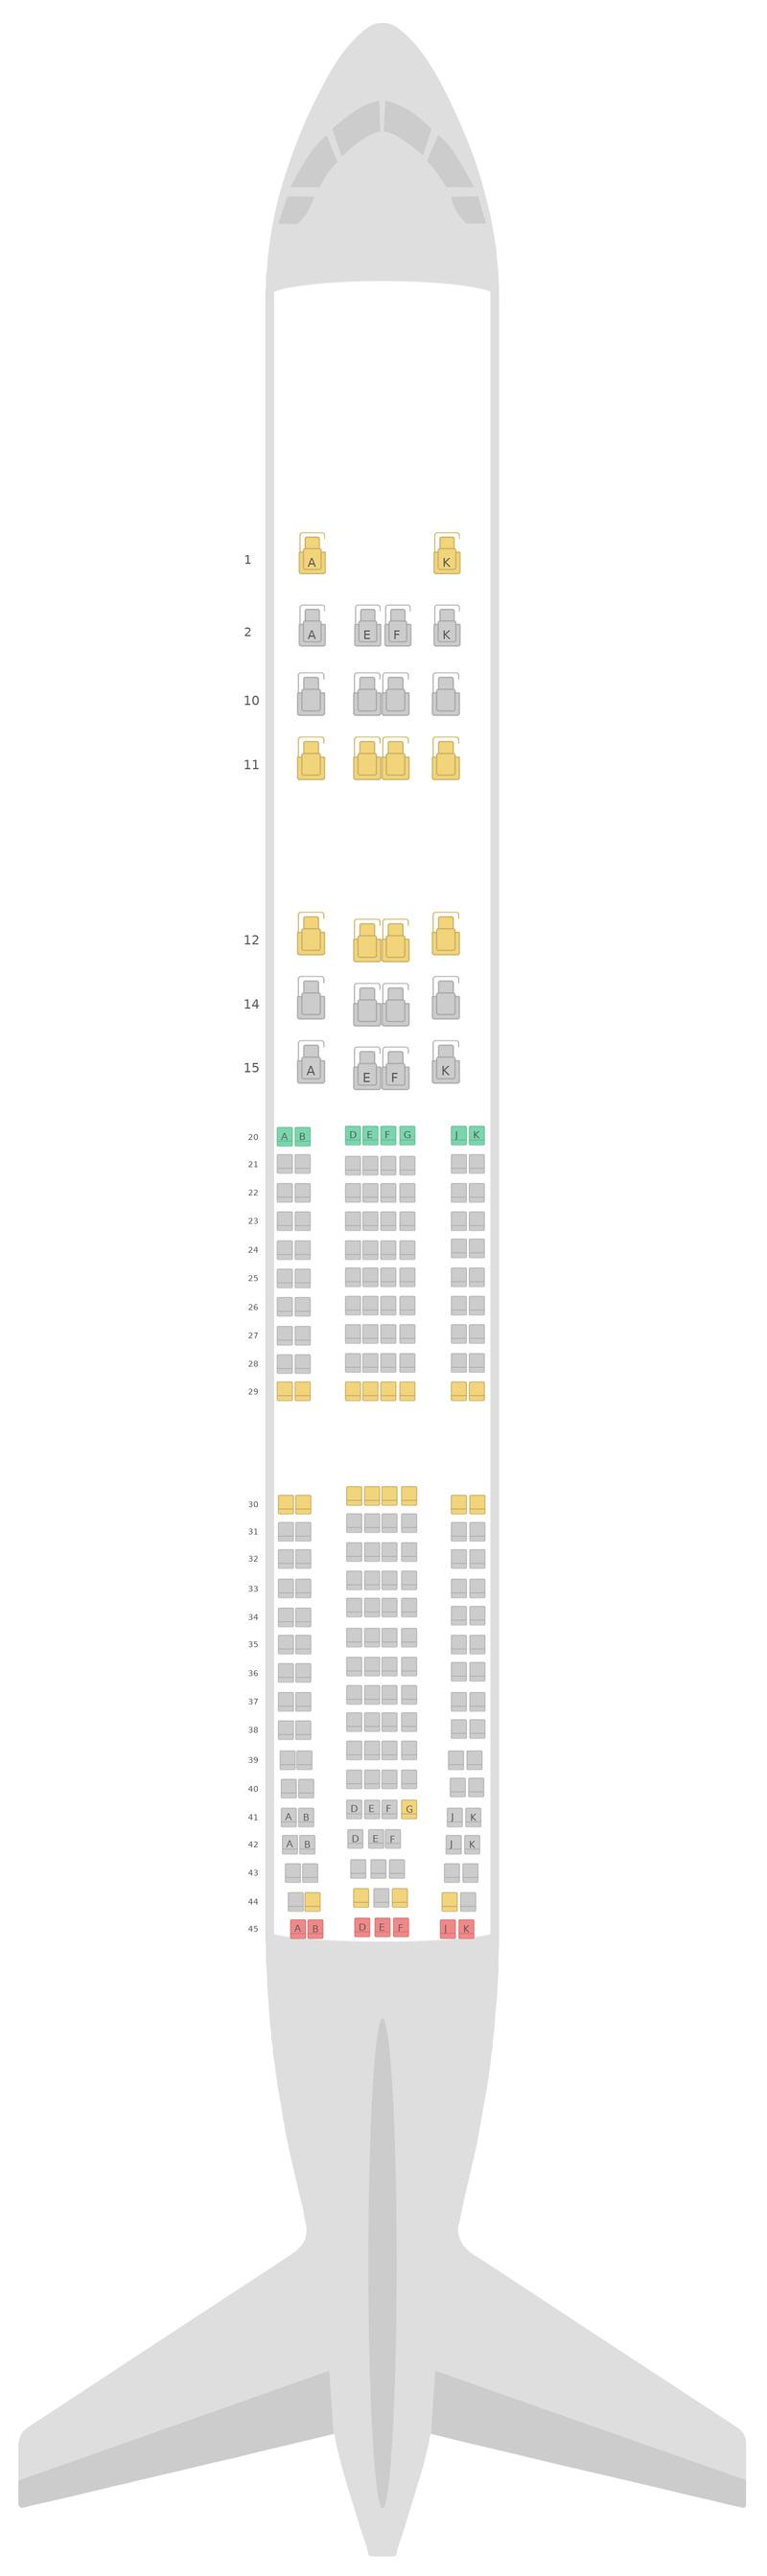 Sitzplan Airbus A330-300 (333) 3 Class Oman Air